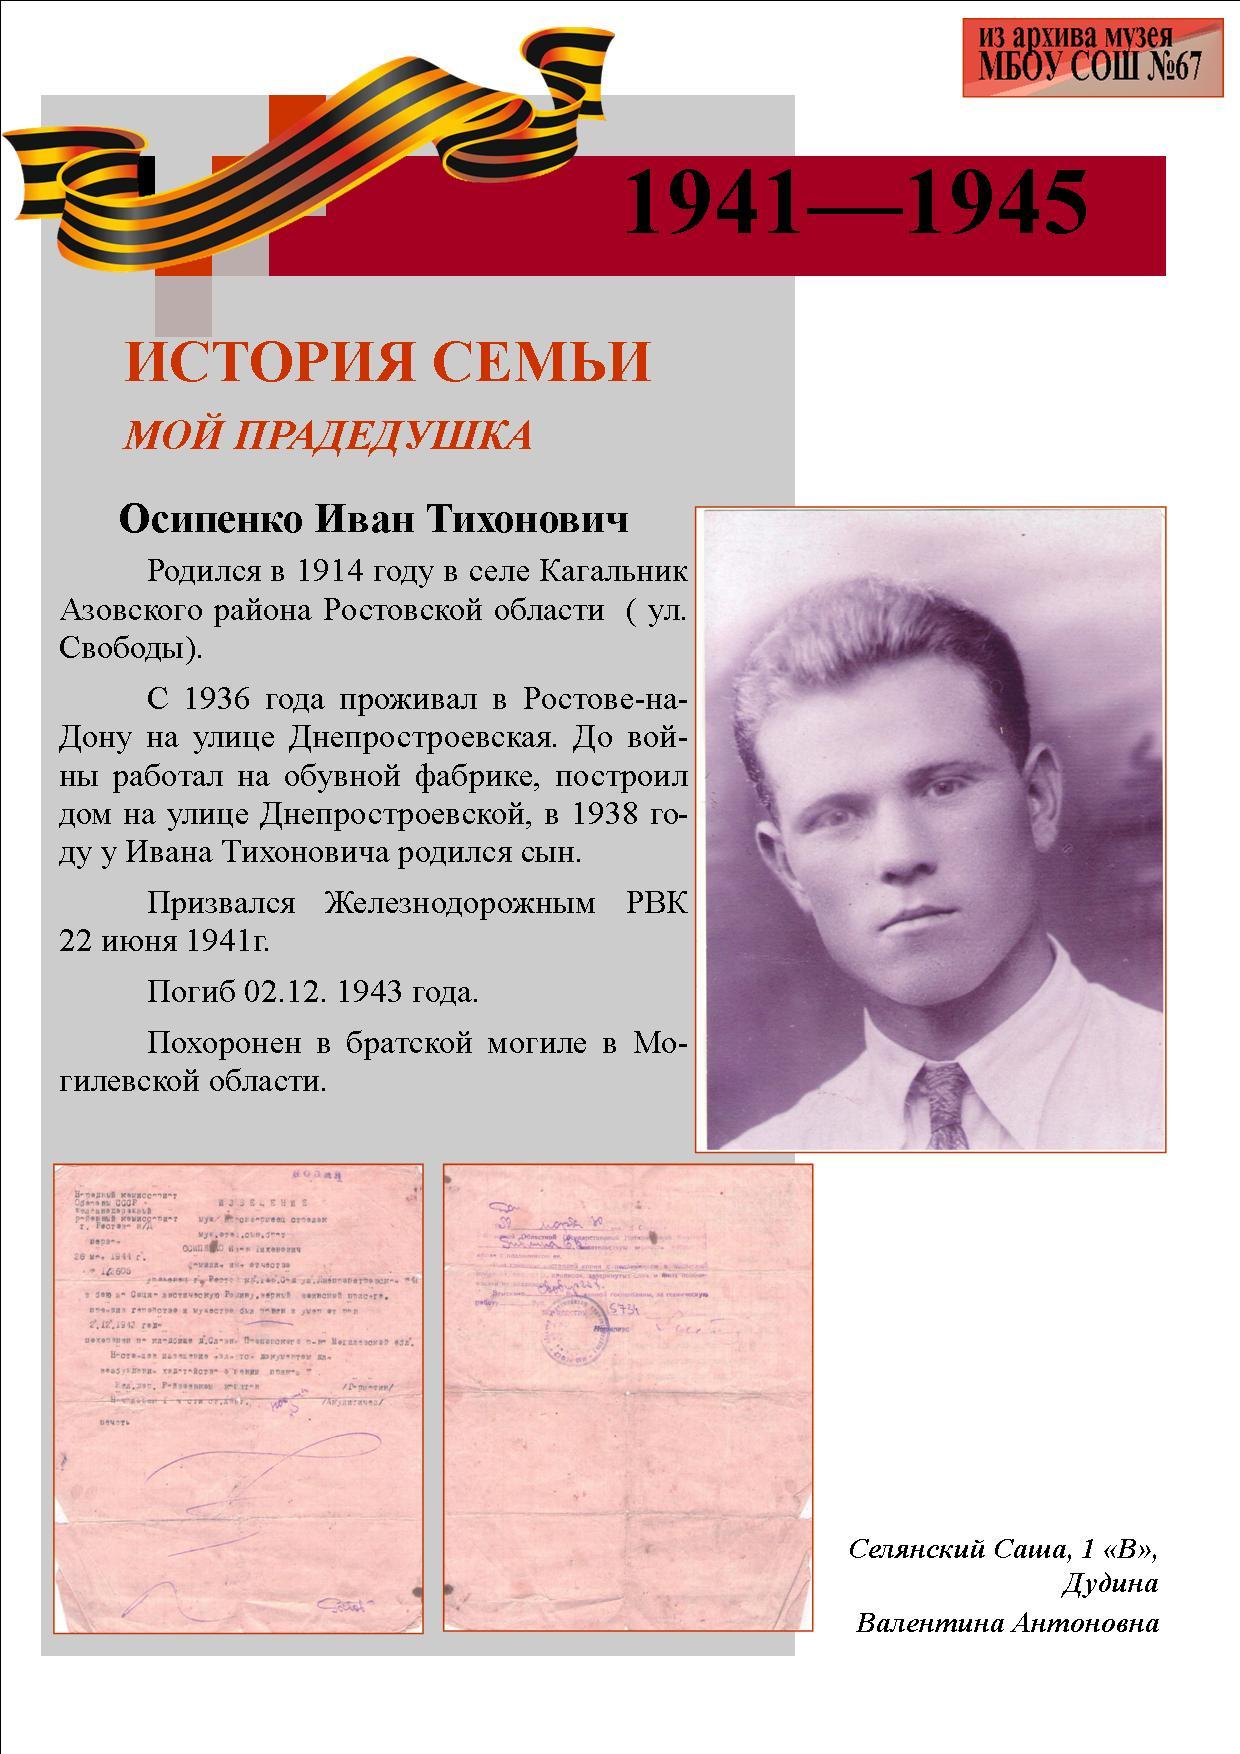 Осипенко Иван Тихонович